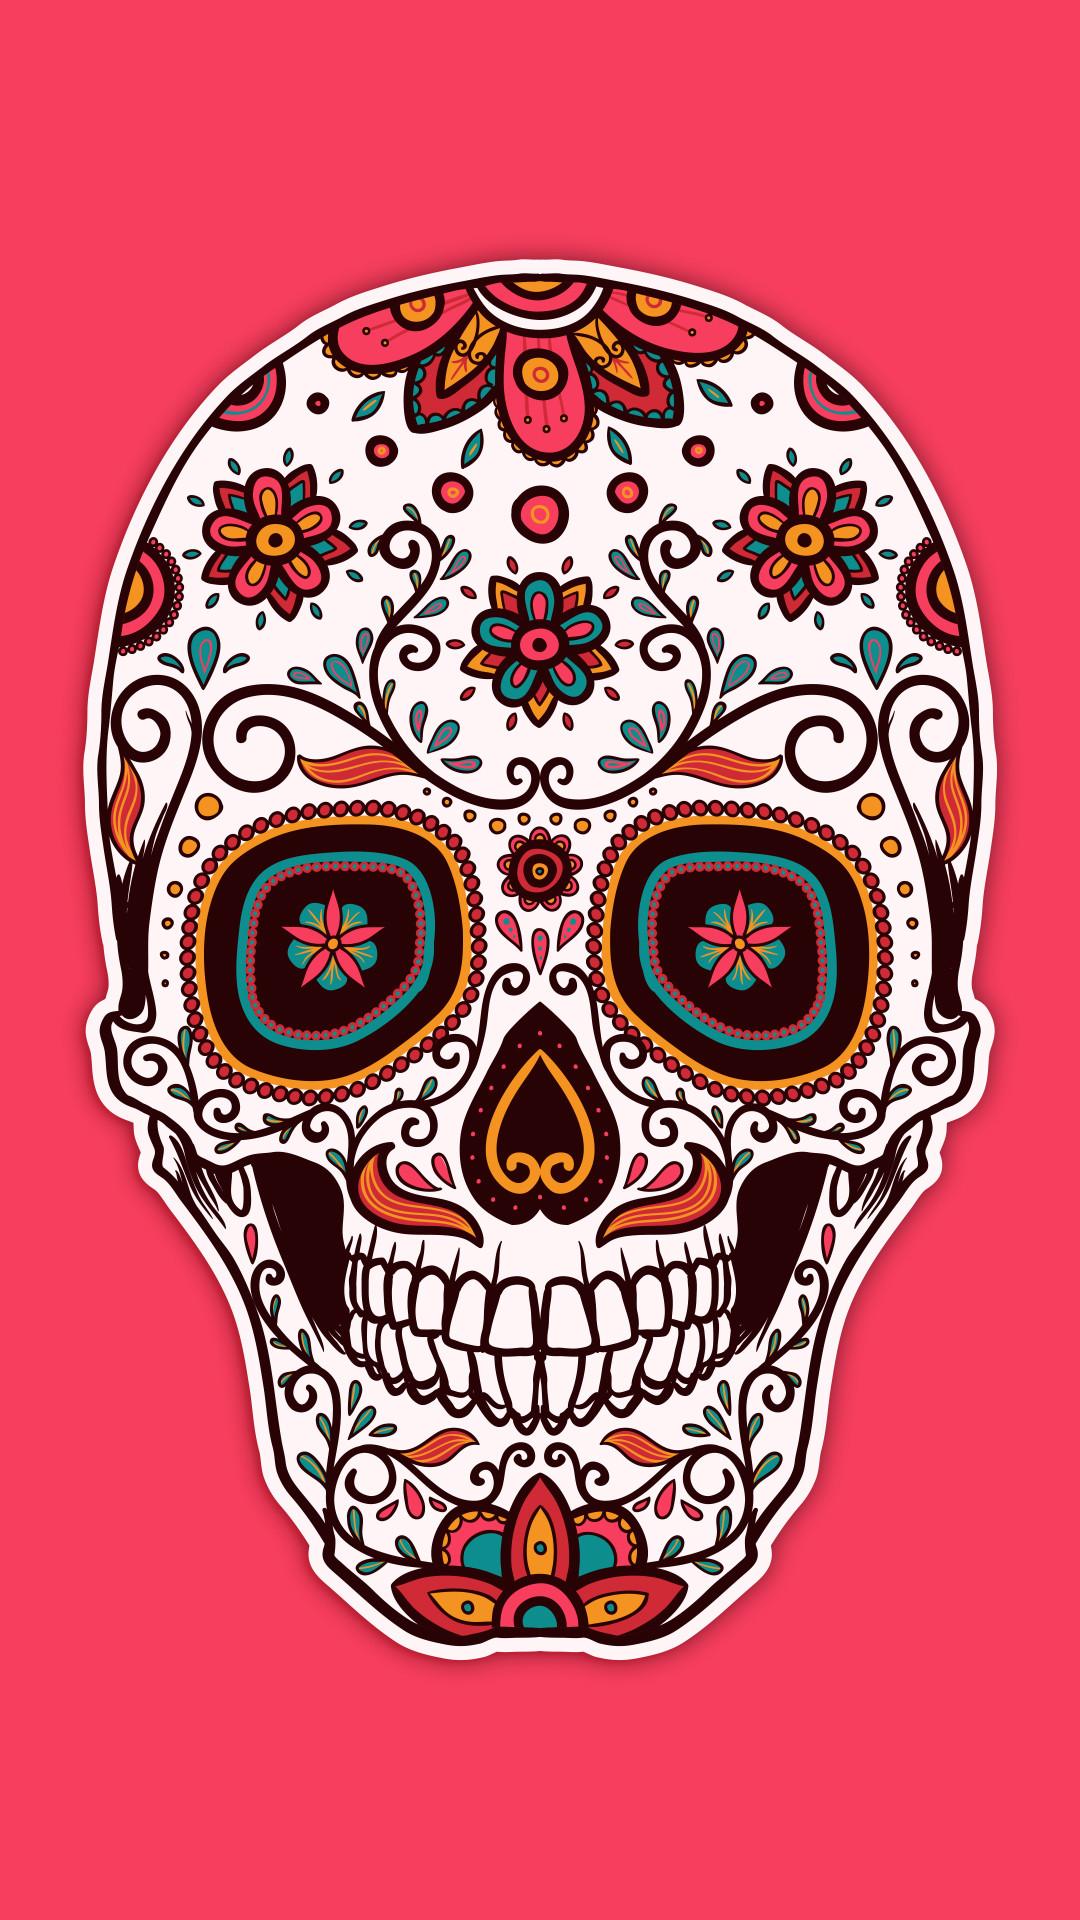 Sugar skull wallpapers 60 images - Sugar skull background ...